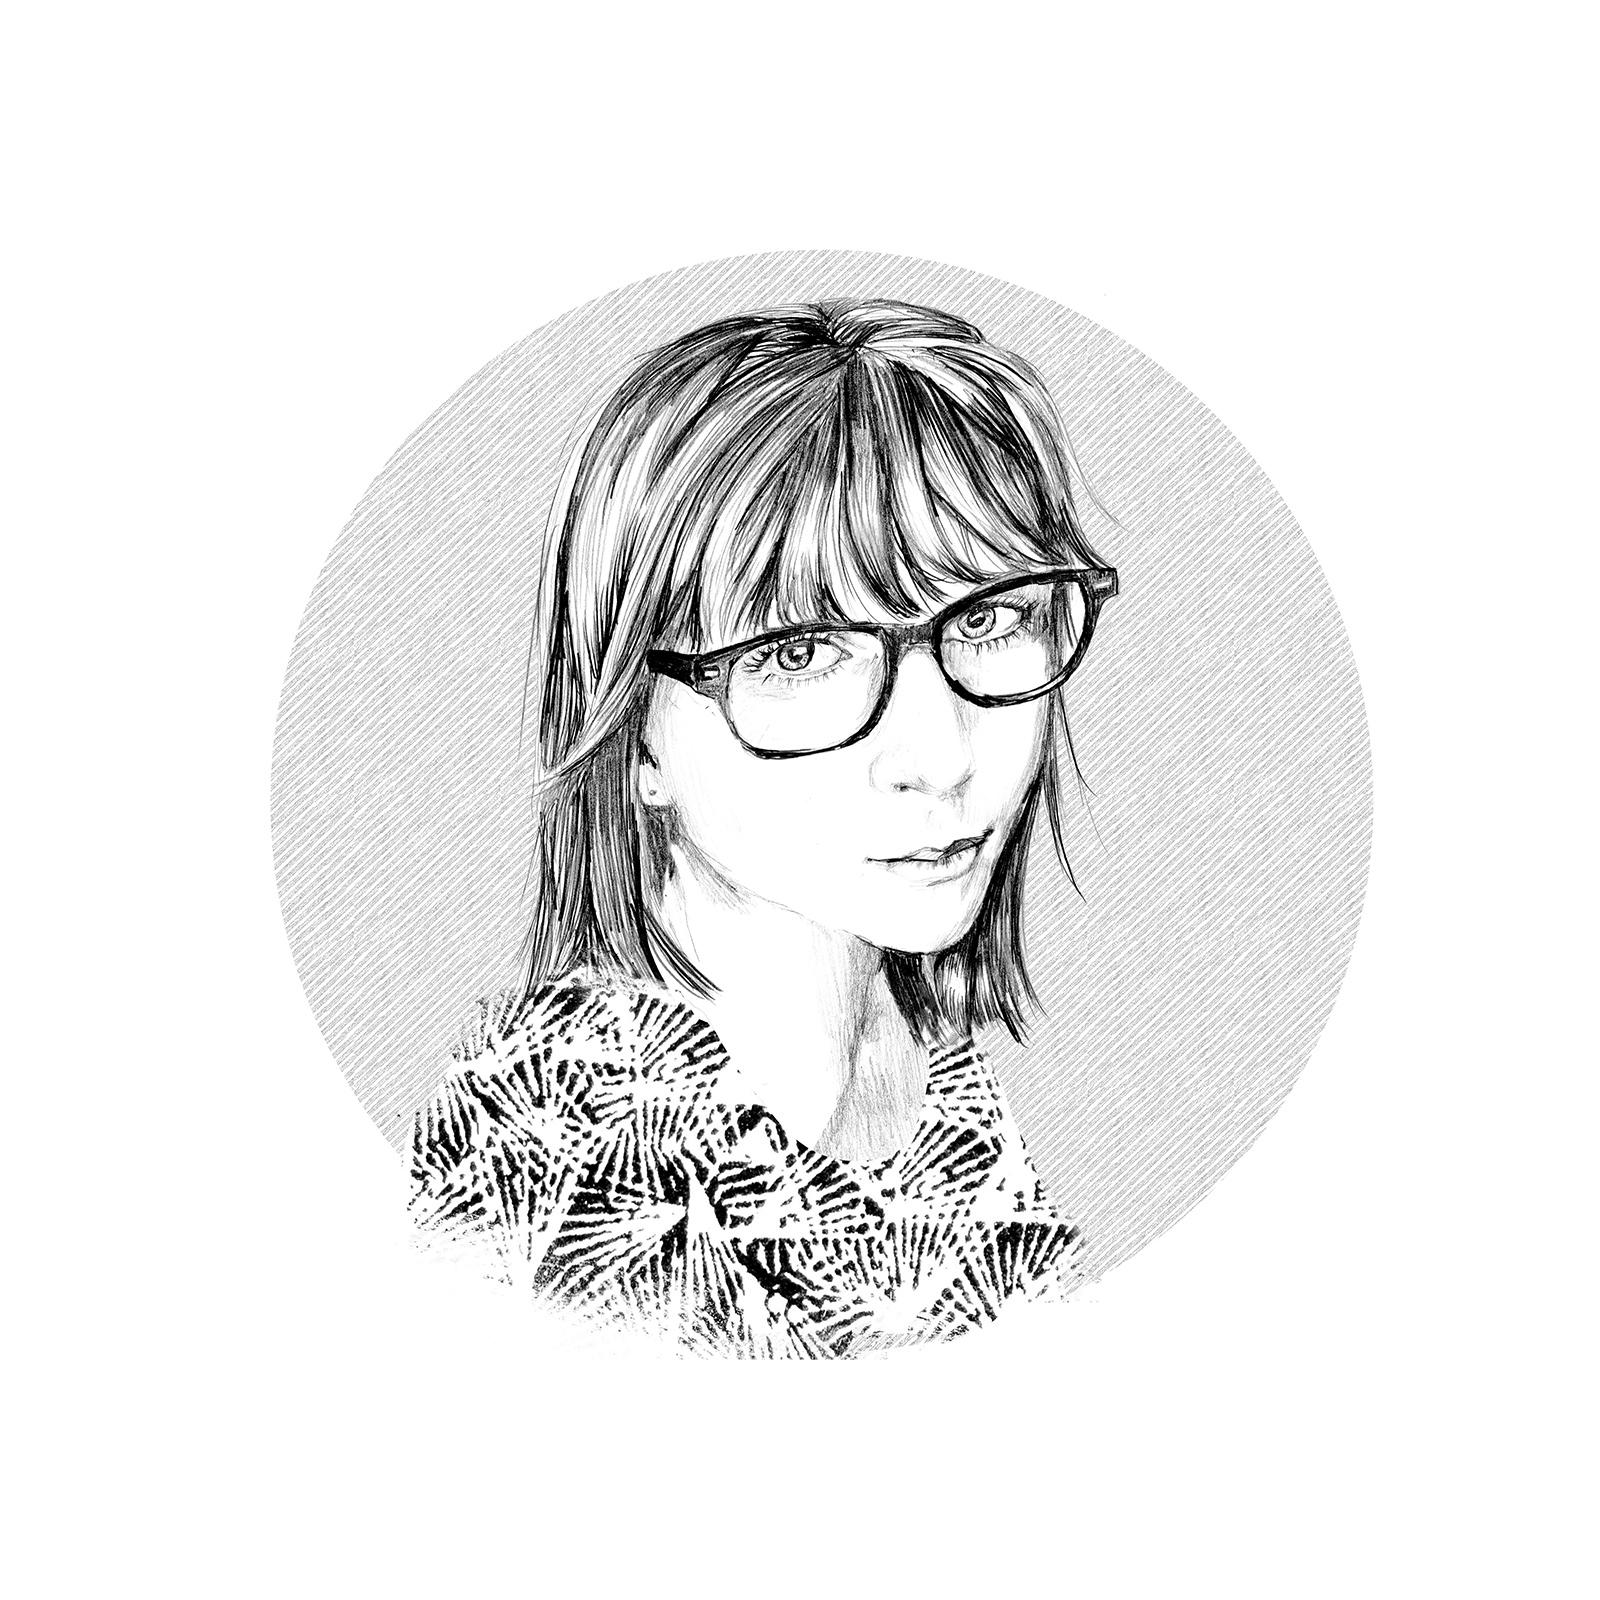 Elenor Wilson, illustration by Zoe Pappenheimer, 2016.